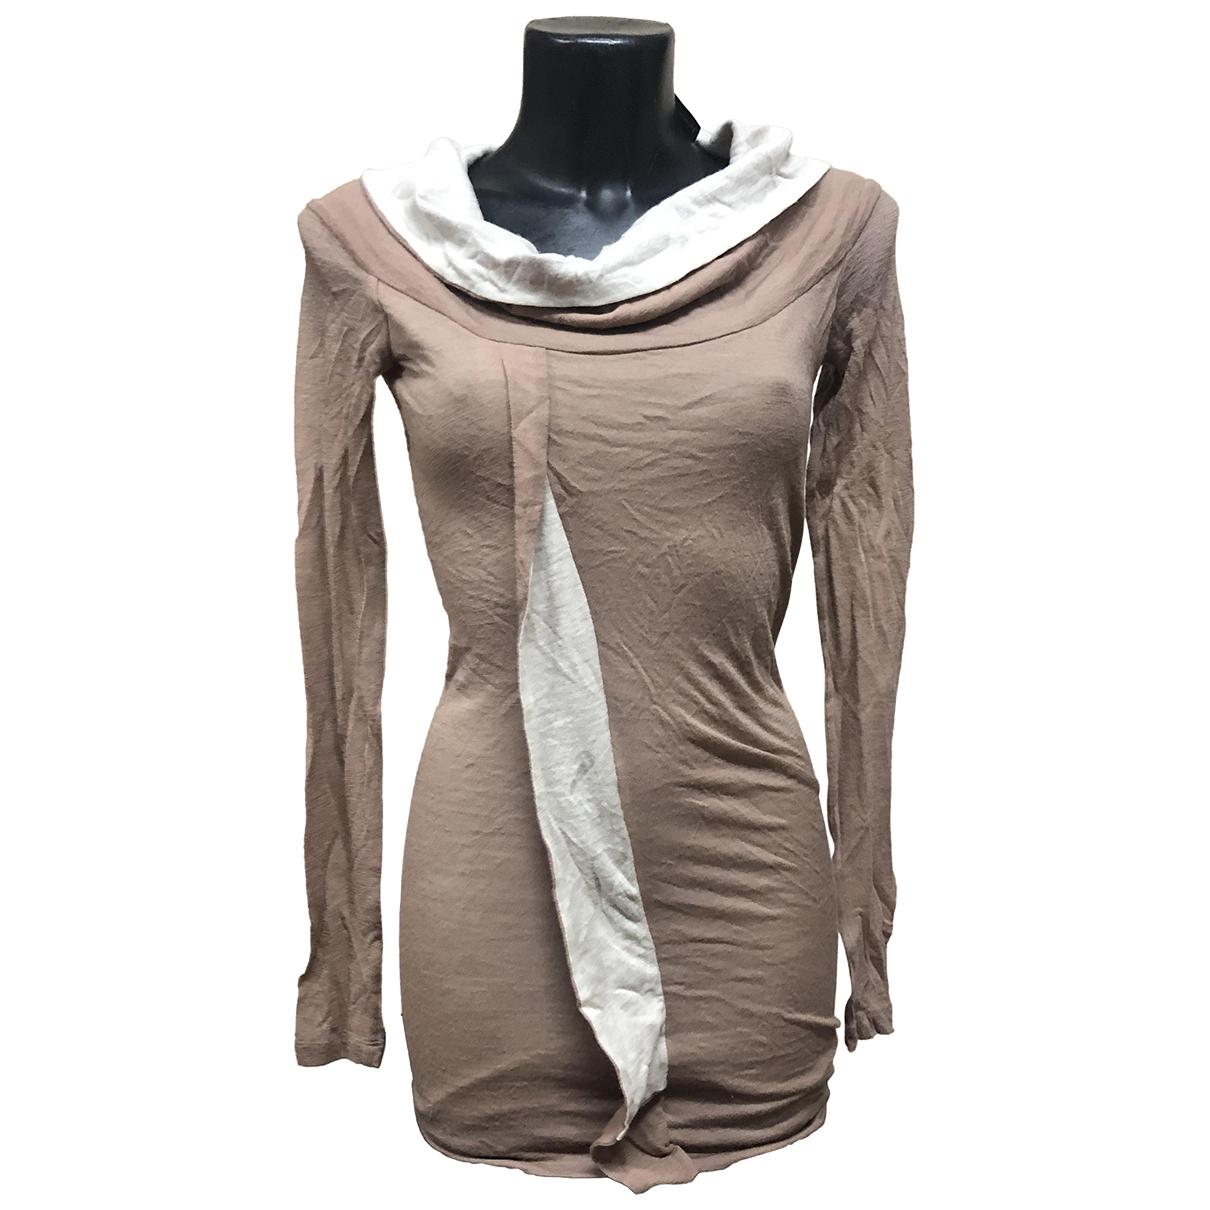 Plein Sud \N Kleid in  Beige Wolle